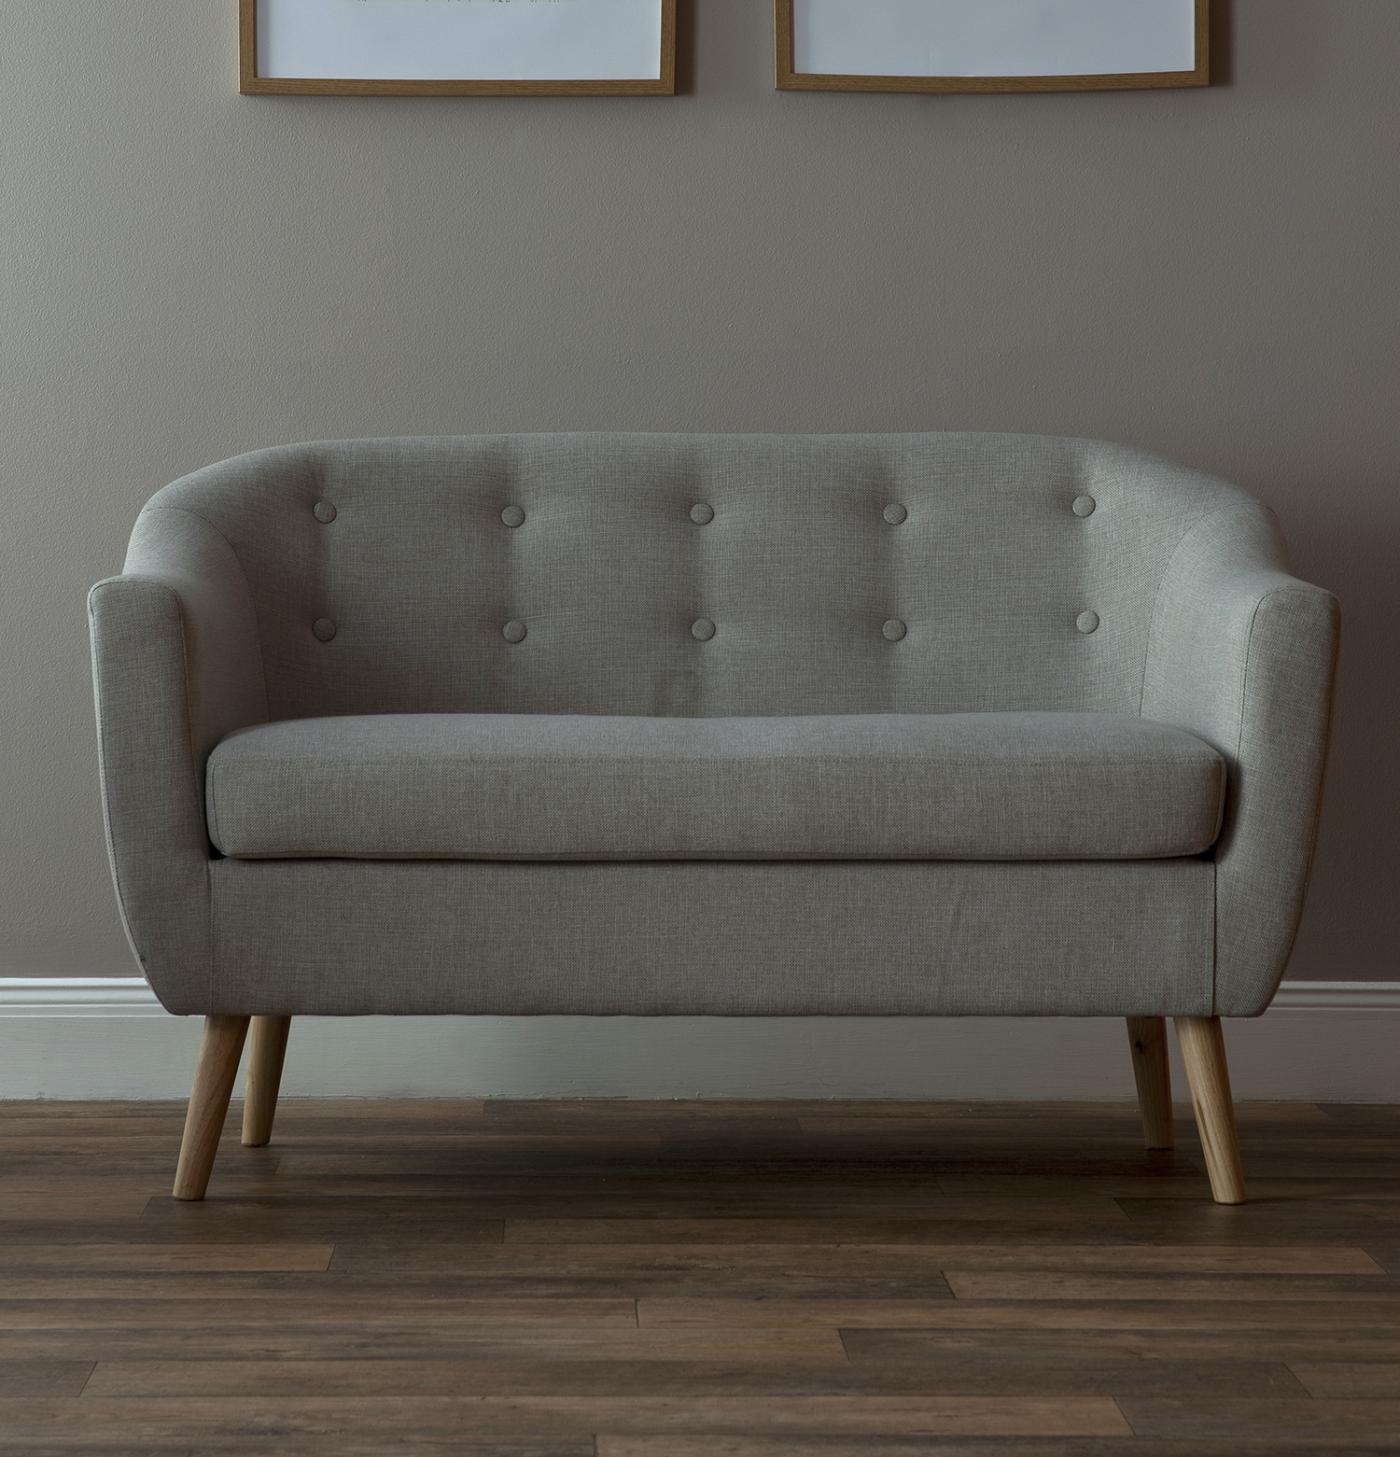 Fulham 2 Seater Furniture Designs